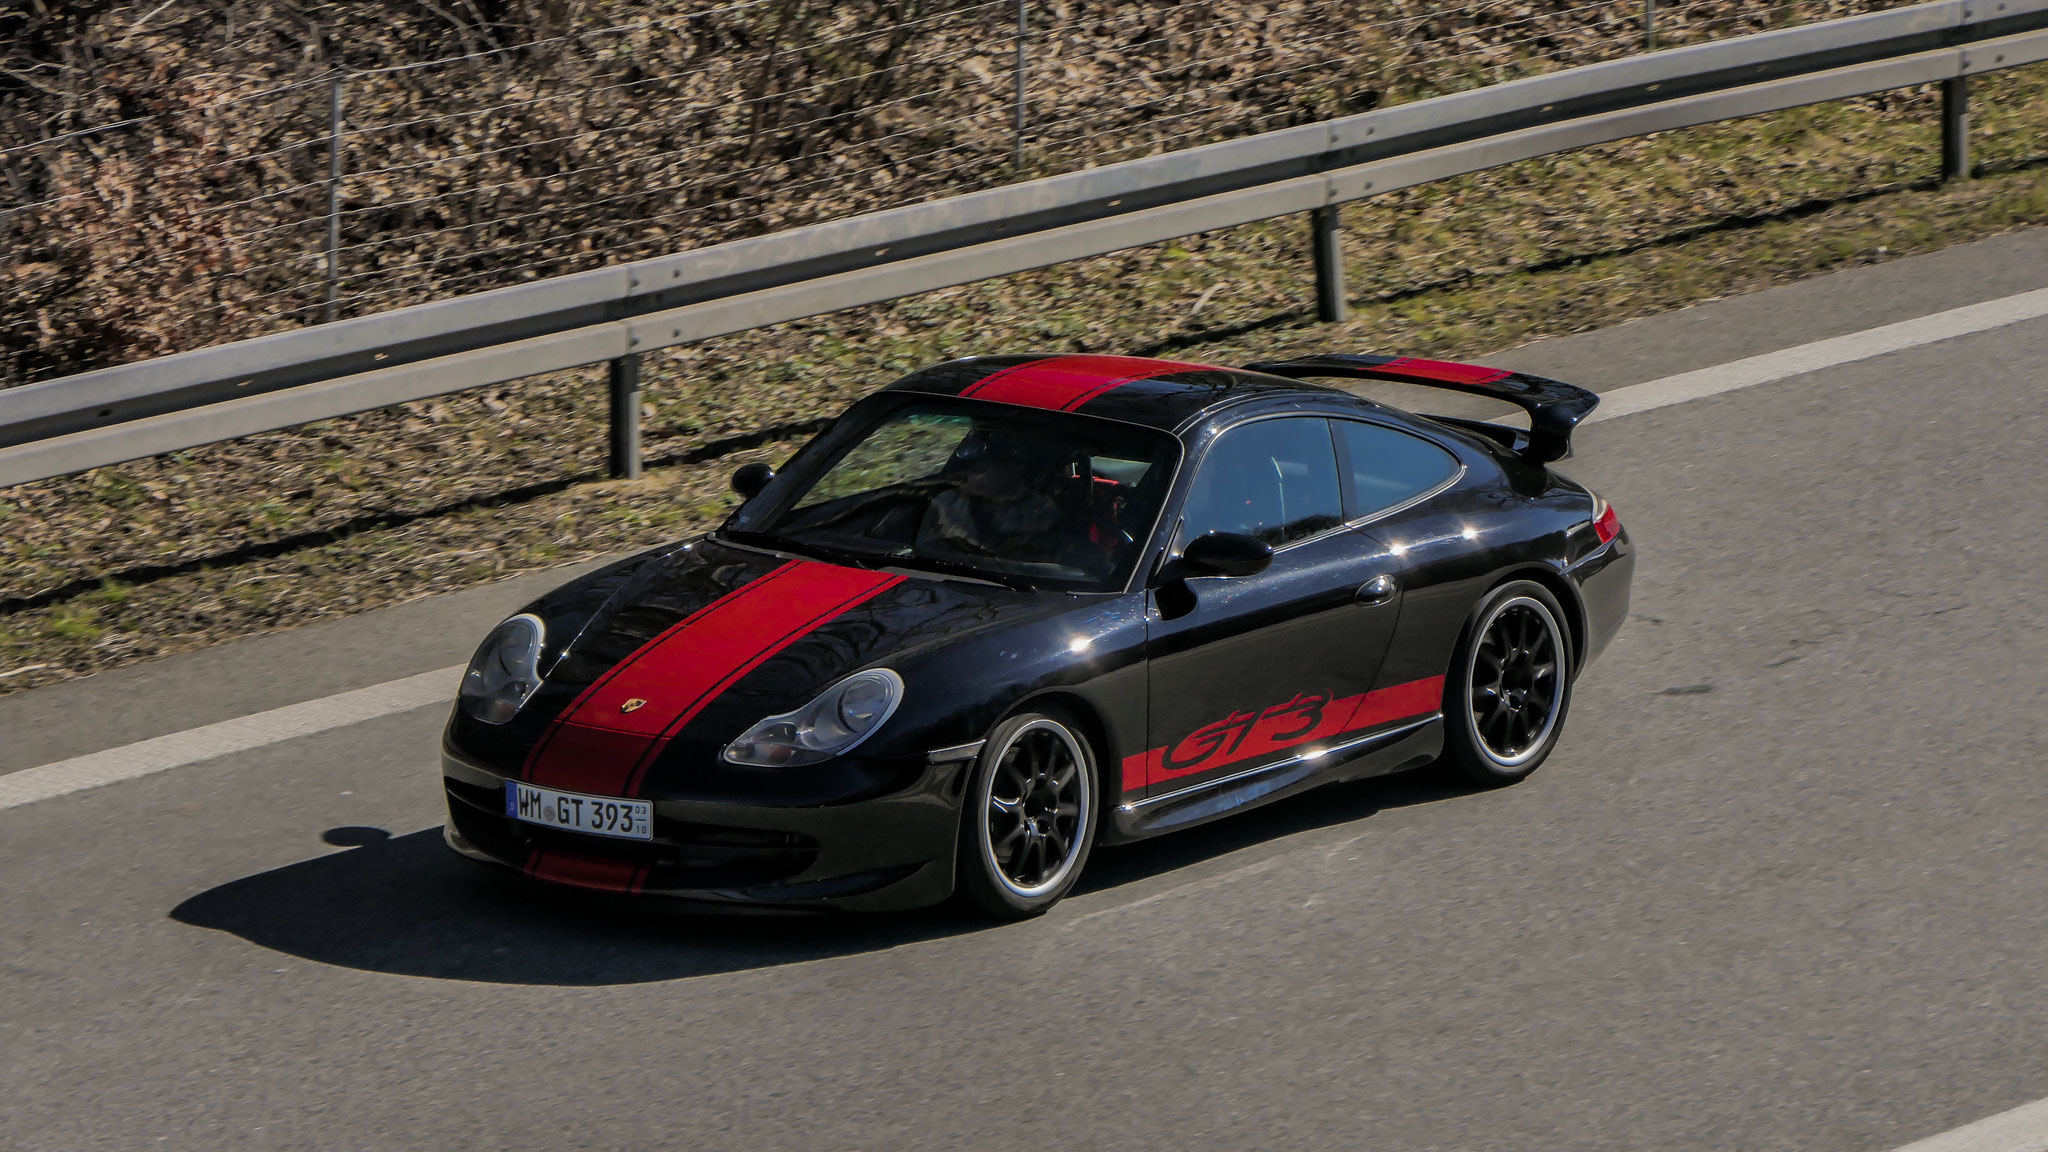 Porsche GT3 996 - WM-GT-393